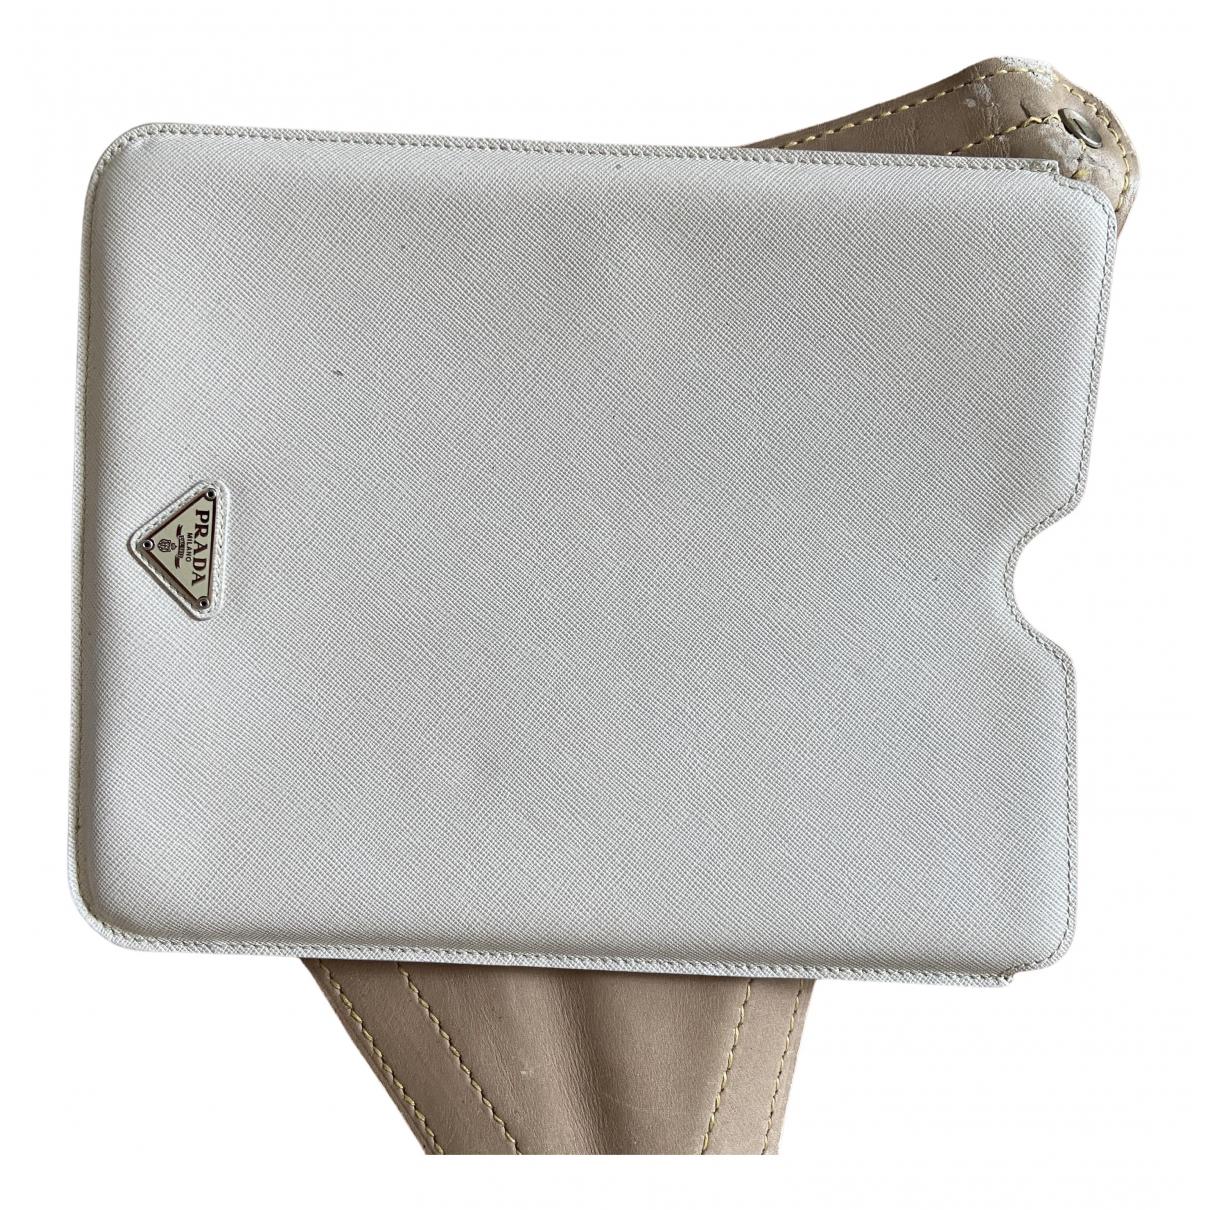 Prada - Accessoires   pour lifestyle en cuir - blanc